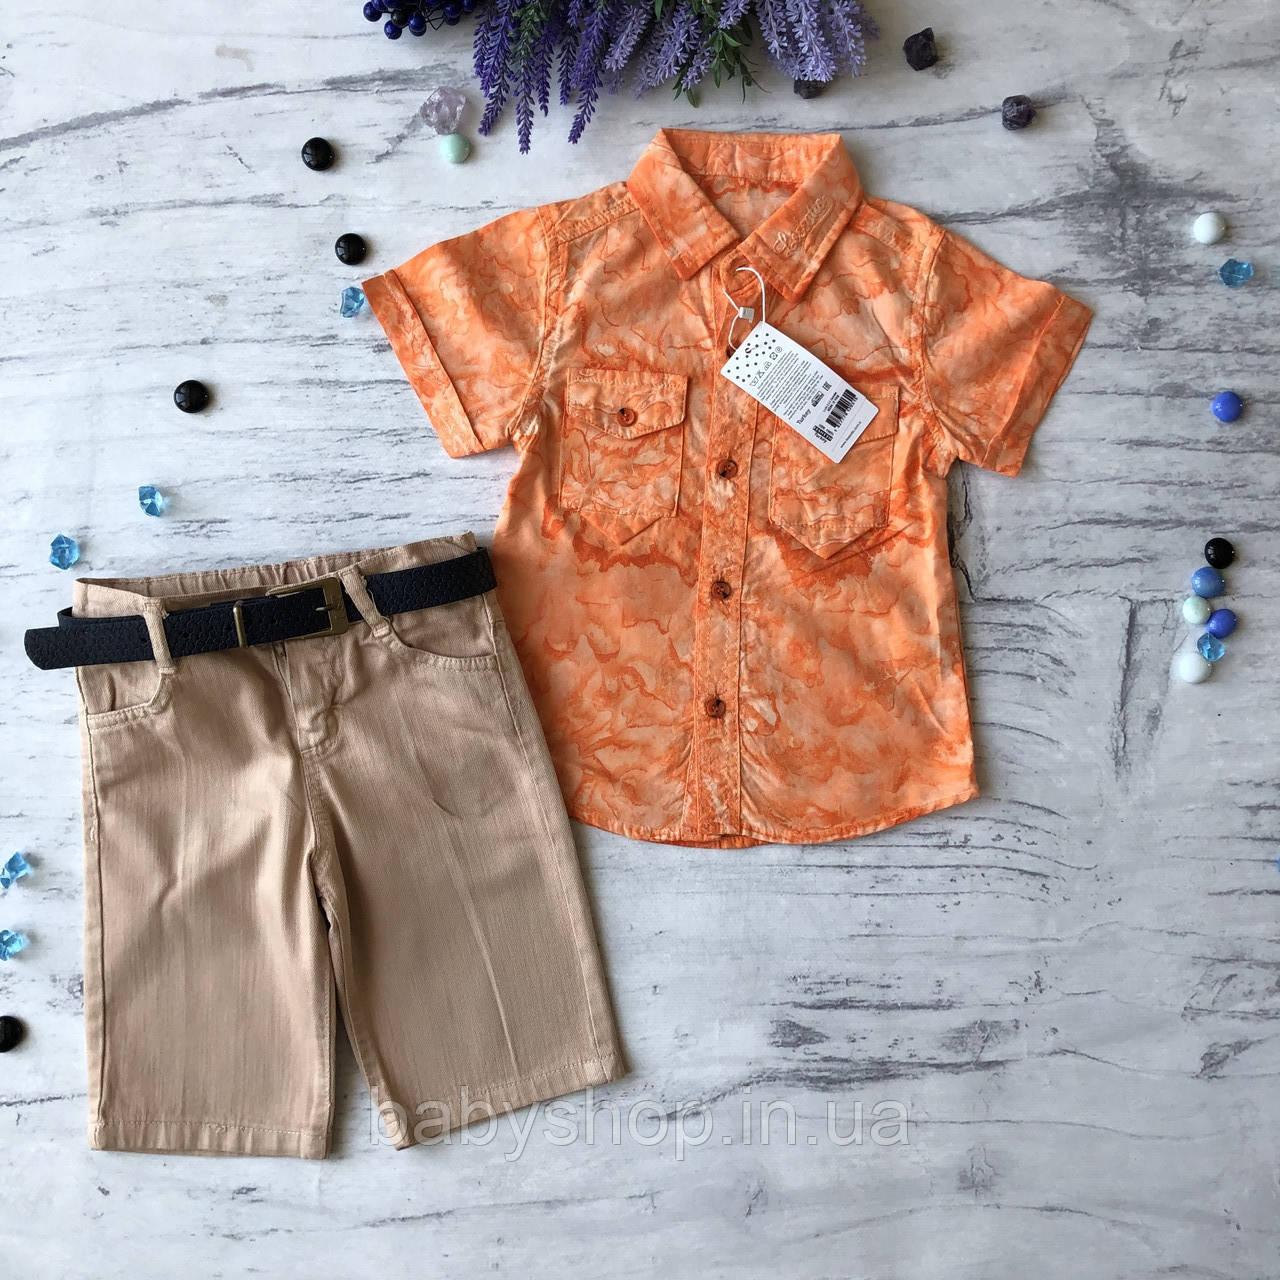 Летний джинсовый костюм на мальчика с рубашкой 40. Размер 2 года, 3 года, 4 года, 5 лет